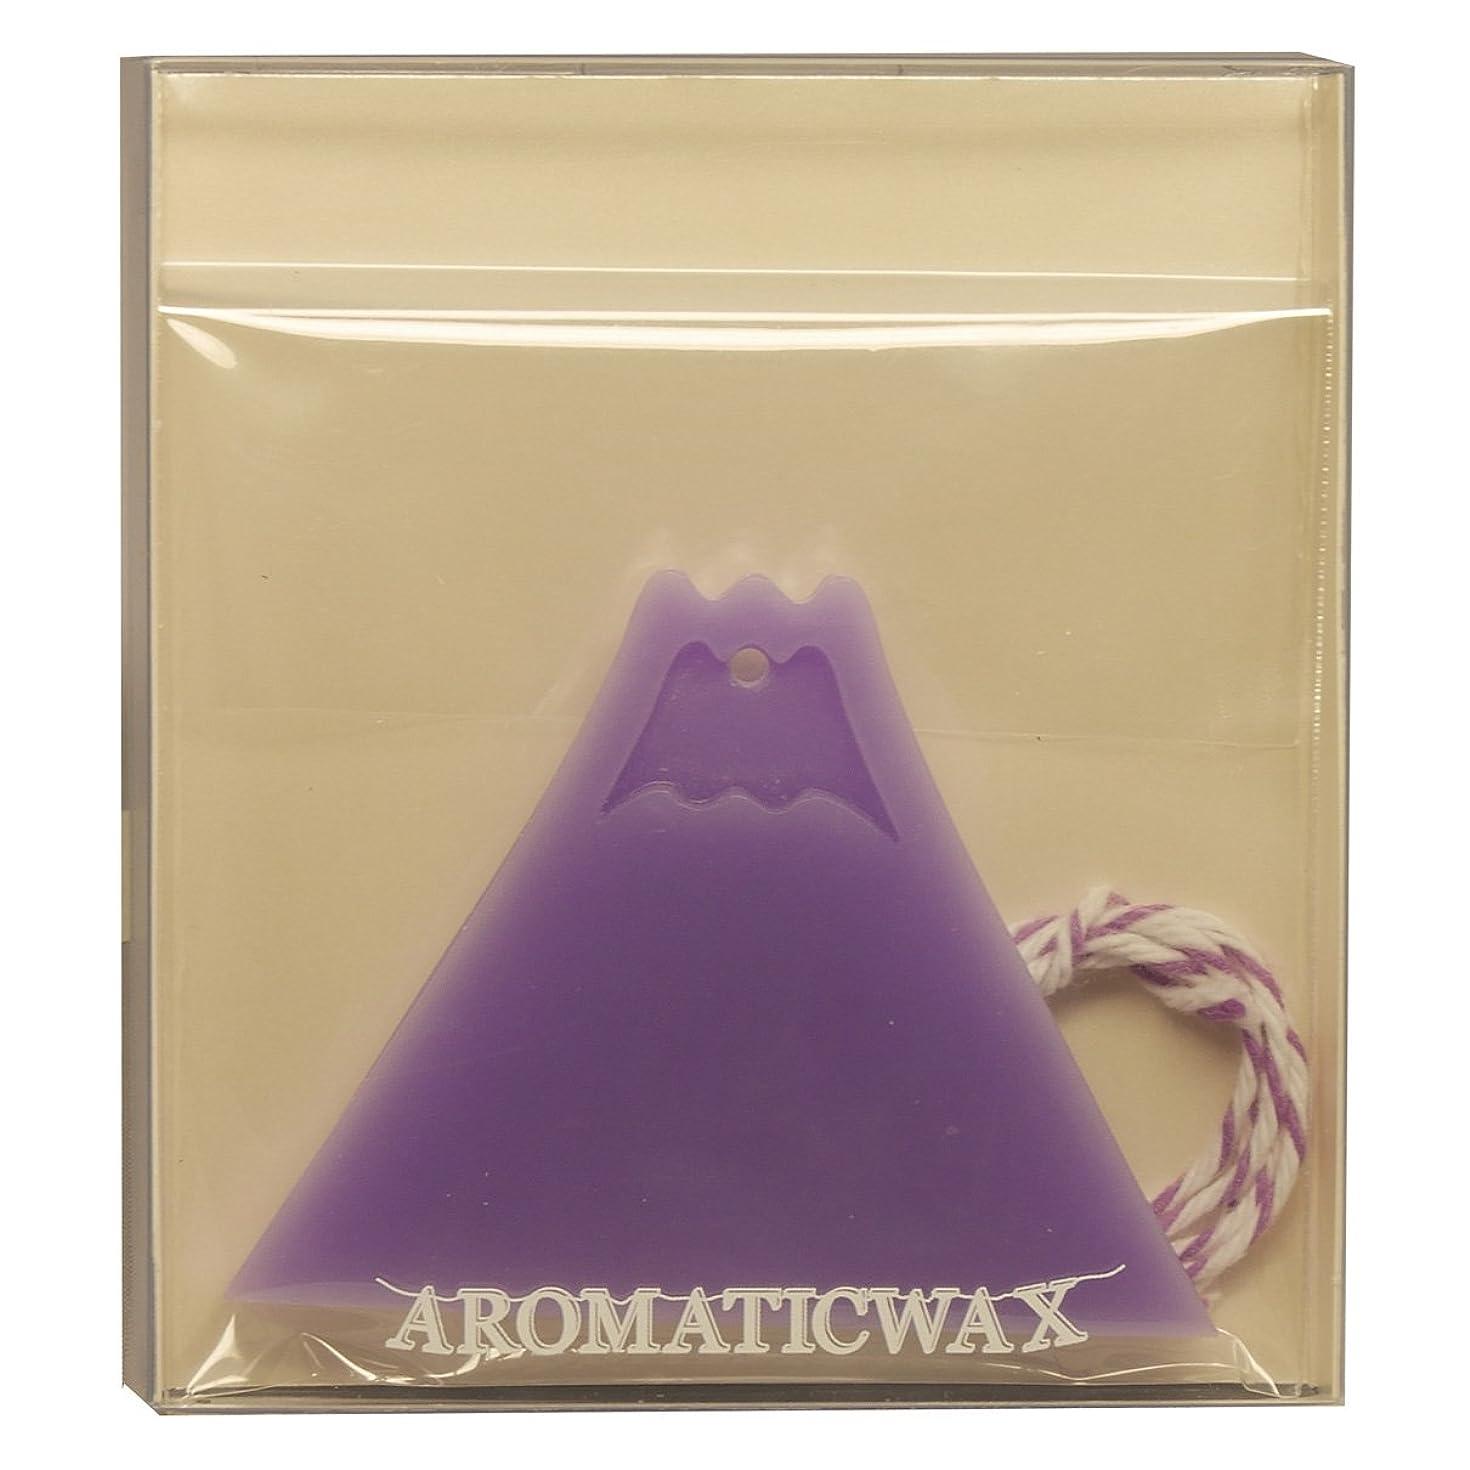 こどもの日虎静めるGRASSE TOKYO AROMATICWAXチャーム「富士山」(PU) ラベンダー アロマティックワックス グラーストウキョウ